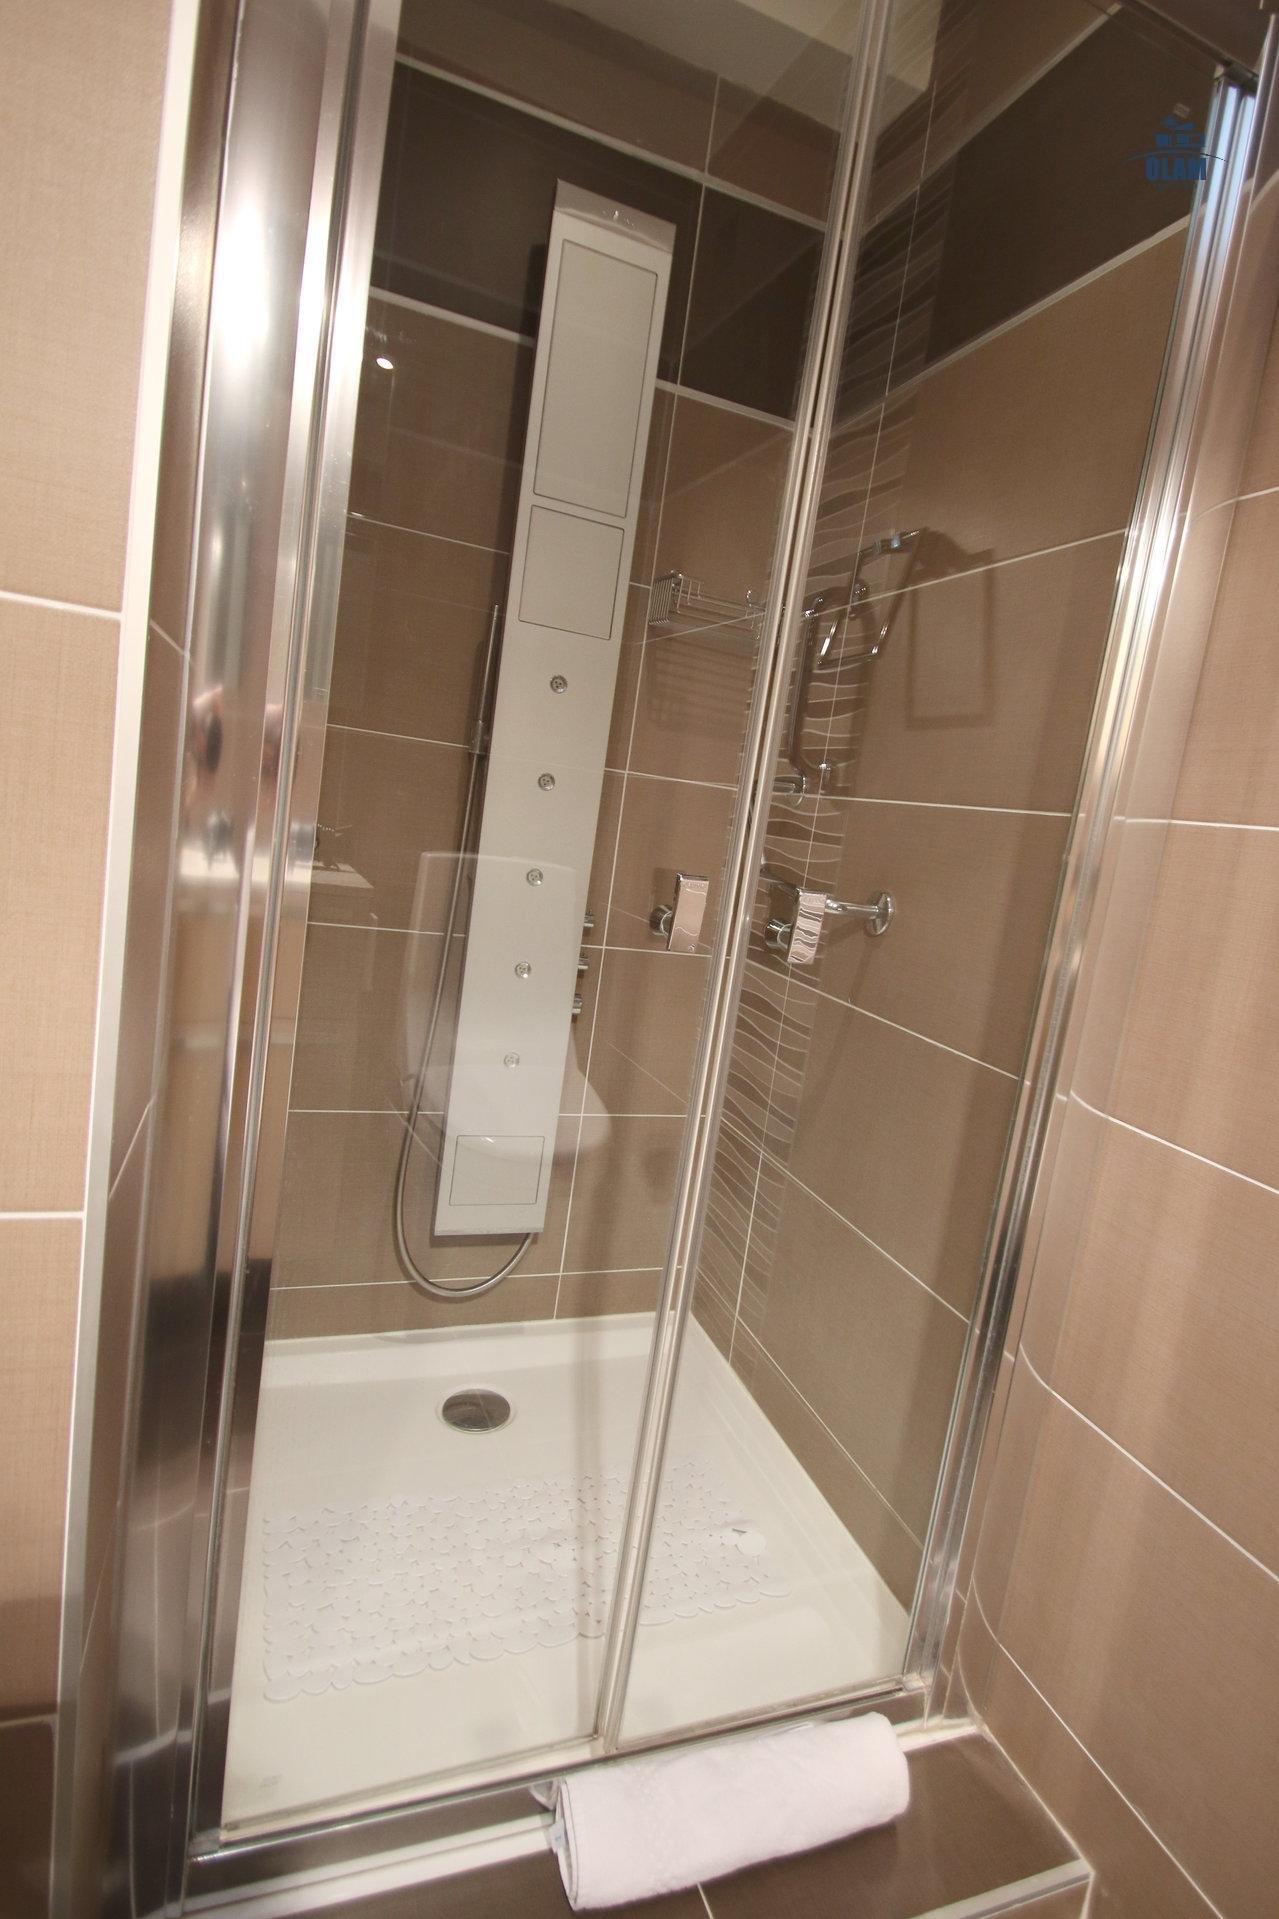 Salle de douche, Cannes, Croisette, Côte d'Azur, location saisonnière